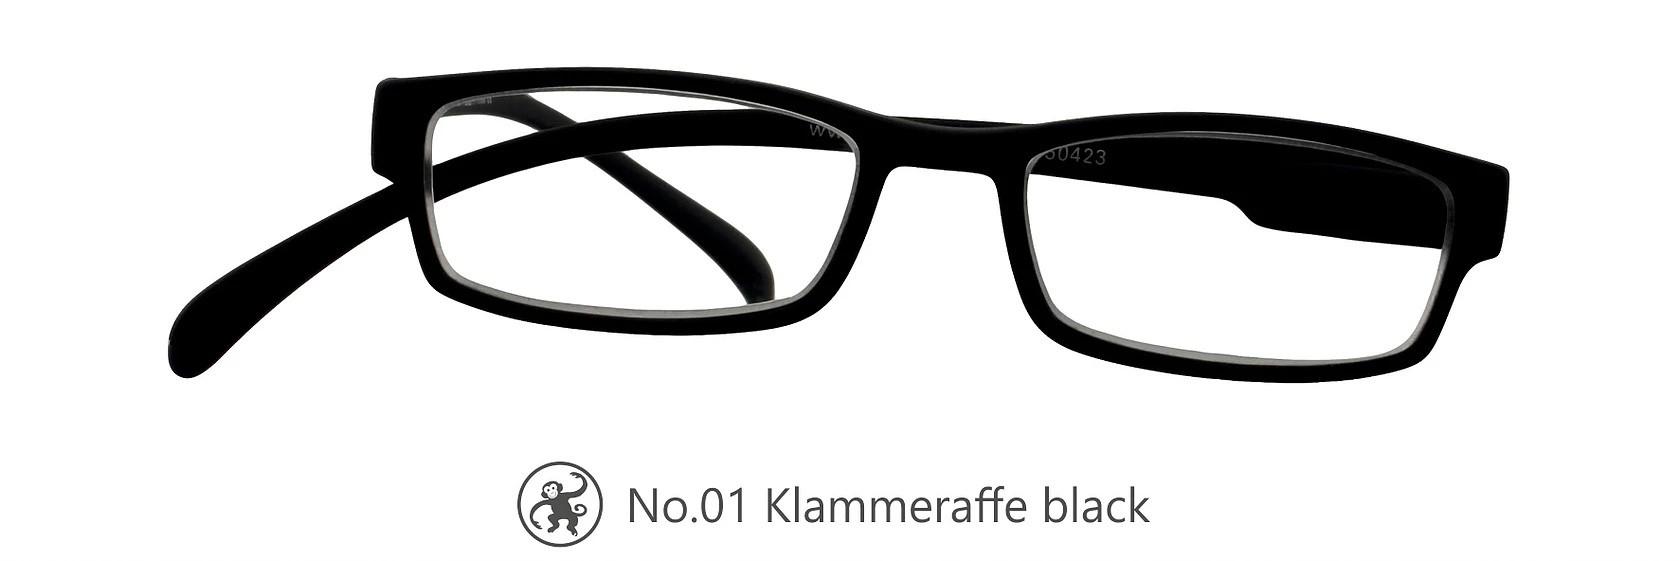 No.01 Klammeraffe